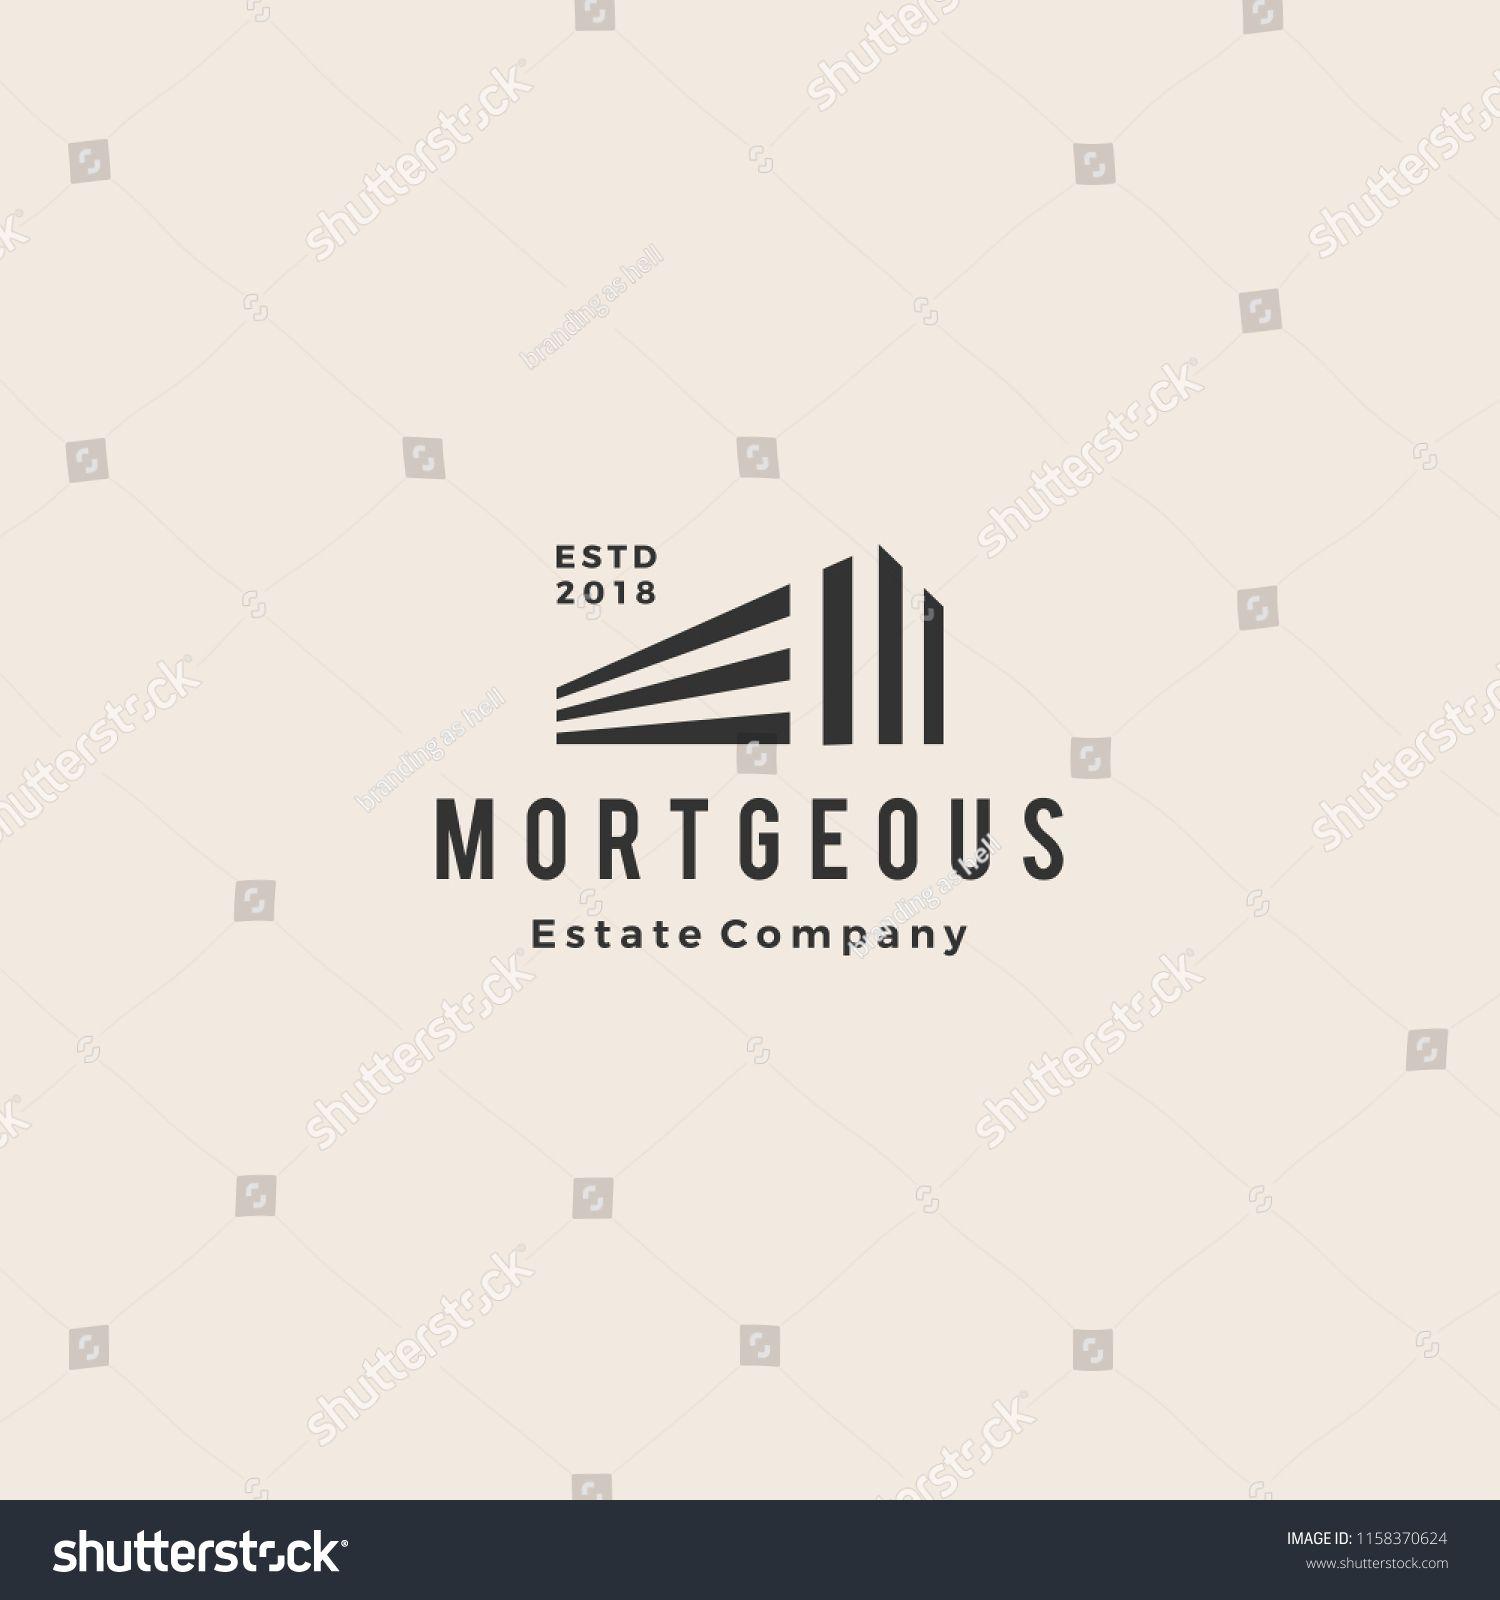 3d Perspective House Home Mortgage Architecture Hipster Vintage Logo Emblem Vector Icon Sponsored Affiliate In 2020 Vintage Logo Vintage Graphic Design Emblem Logo